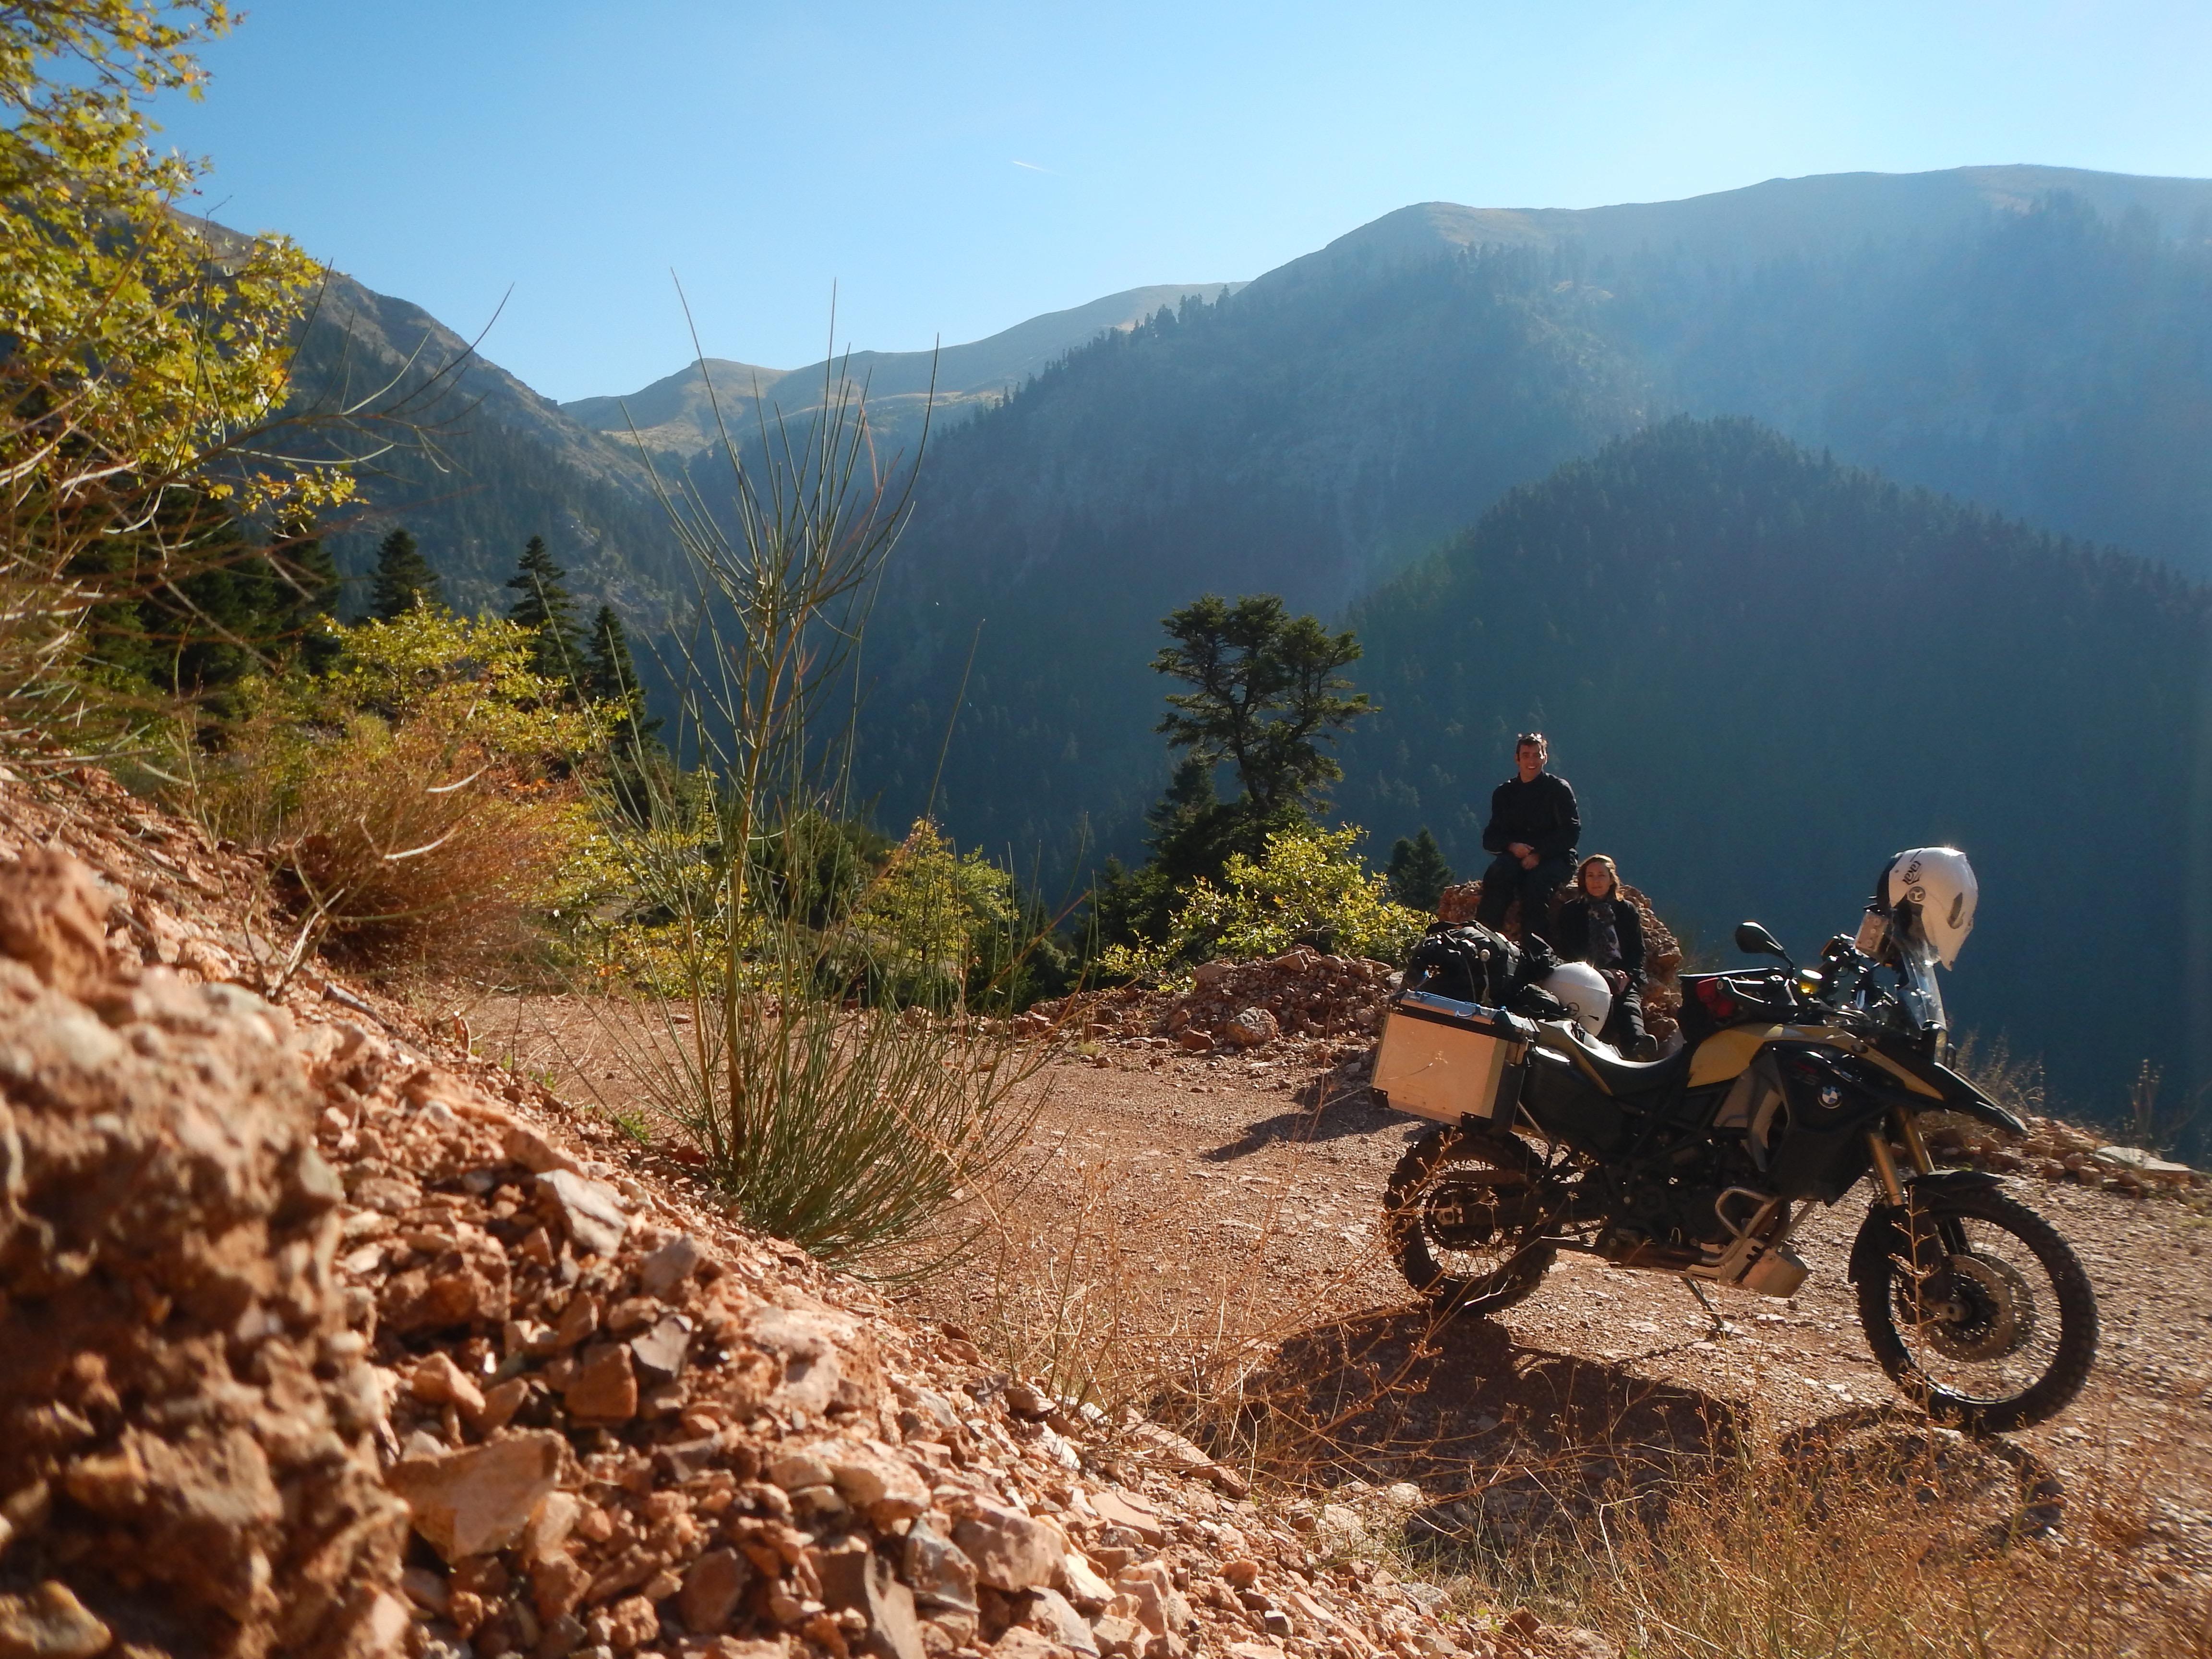 Grèce - Destination Météores par trail rando 161003072349198685